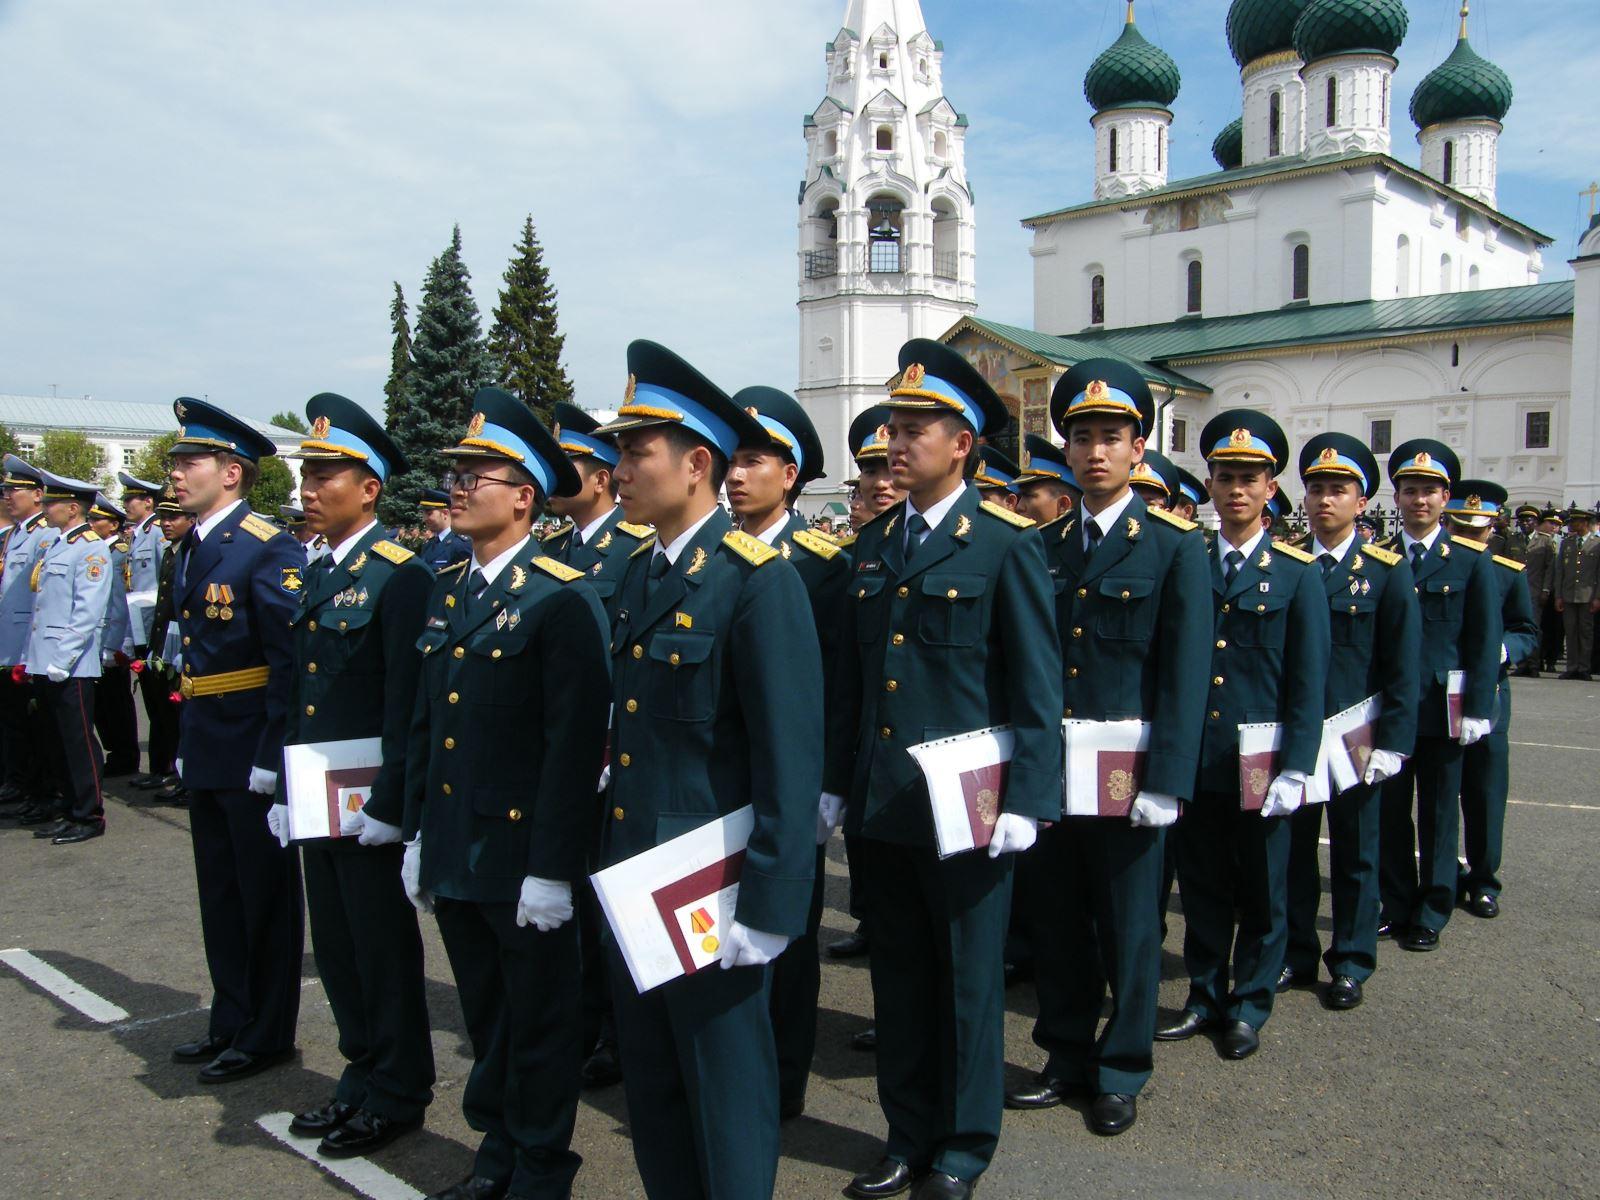 Ngày ra trường của các trắc thủ tên lửa Việt Nam tại Liên bang Nga